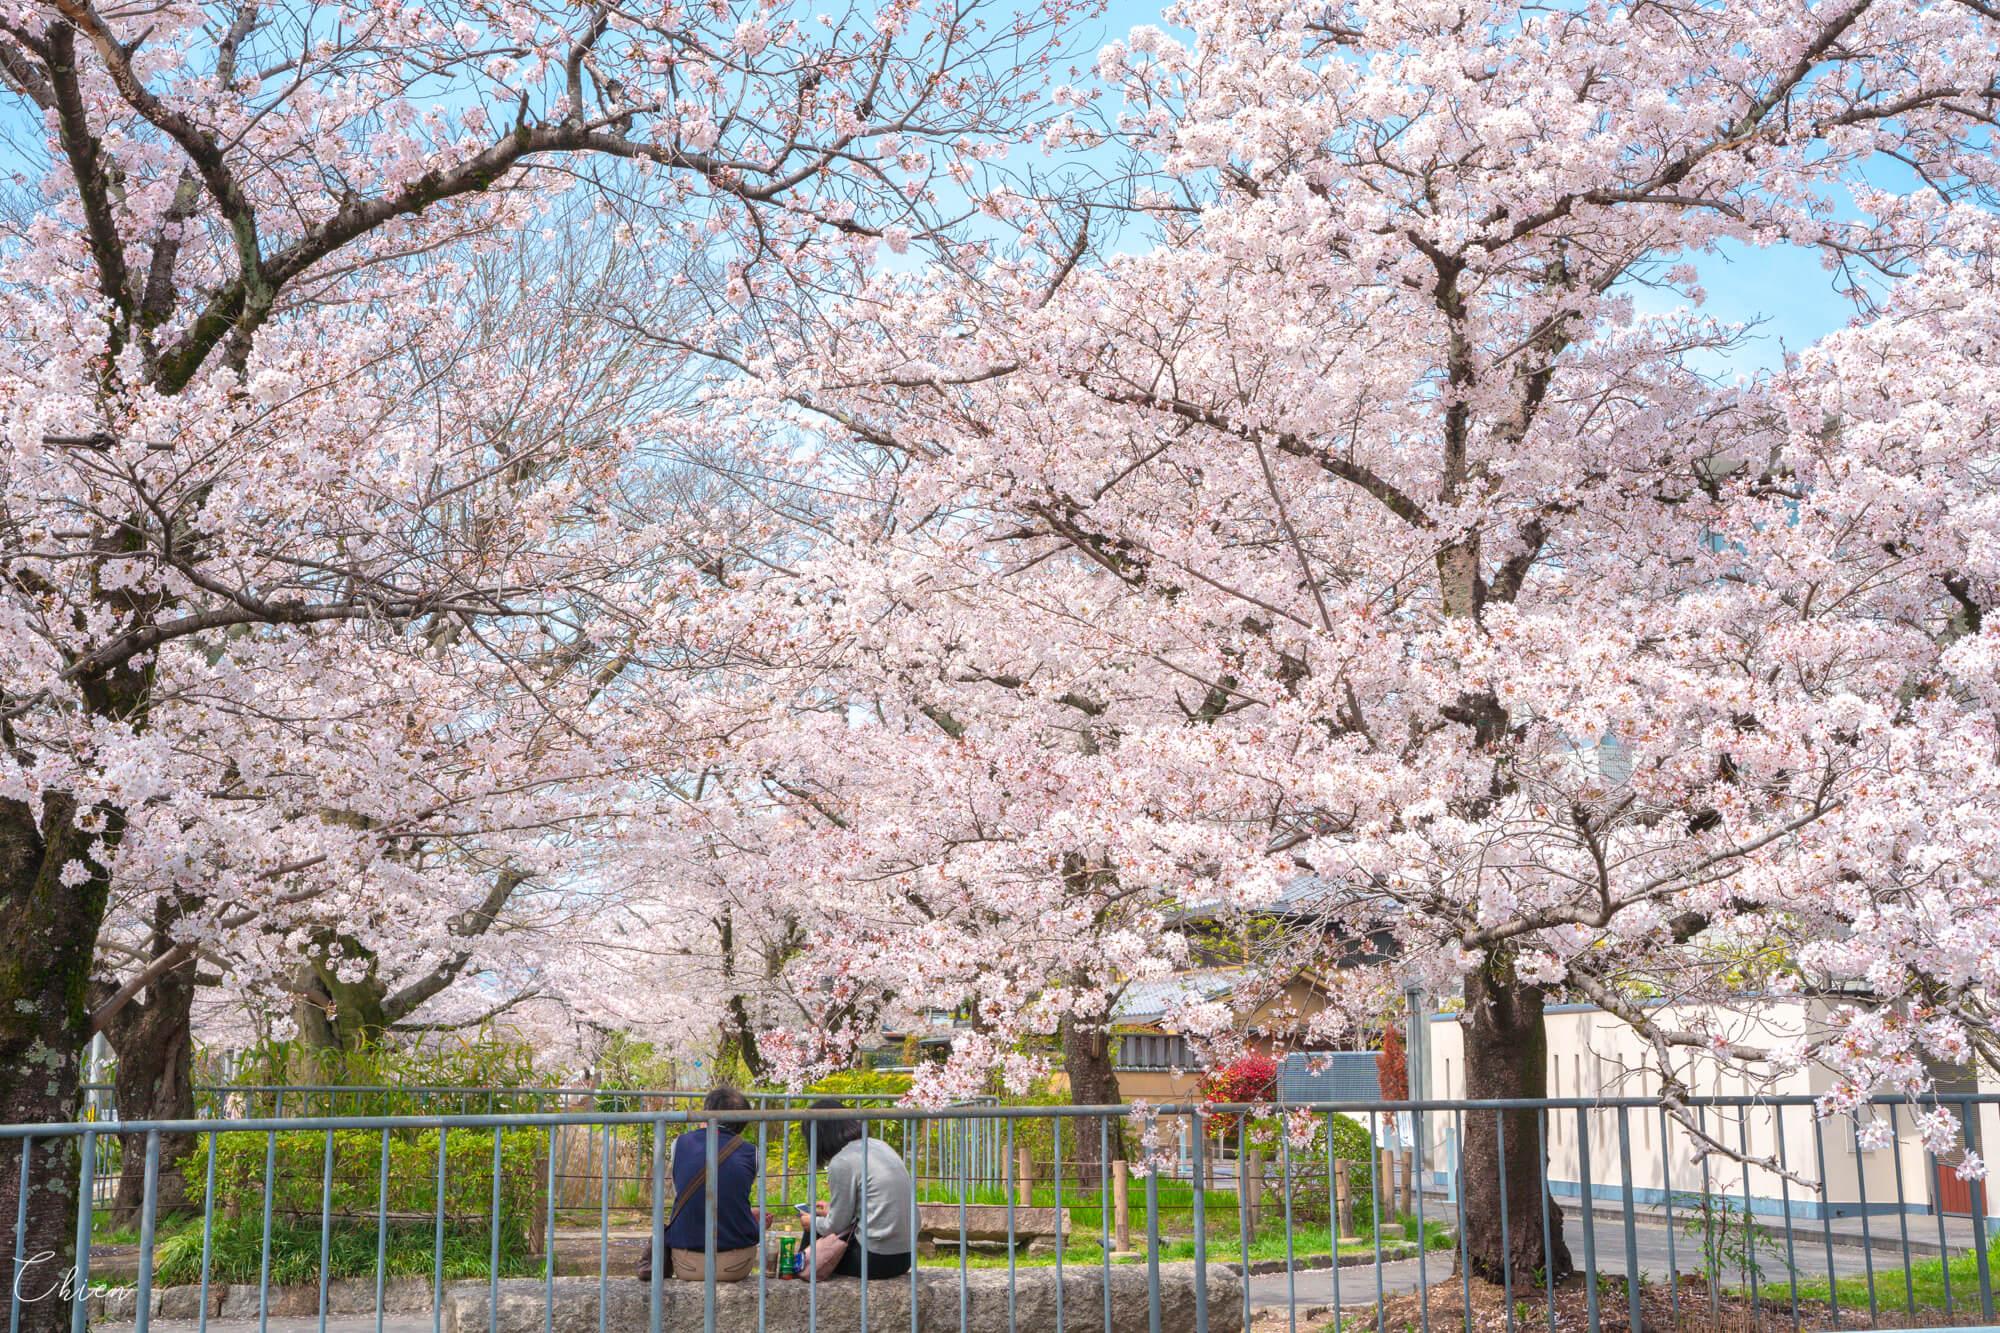 京都賞櫻景點 哲學之道櫻花綻放